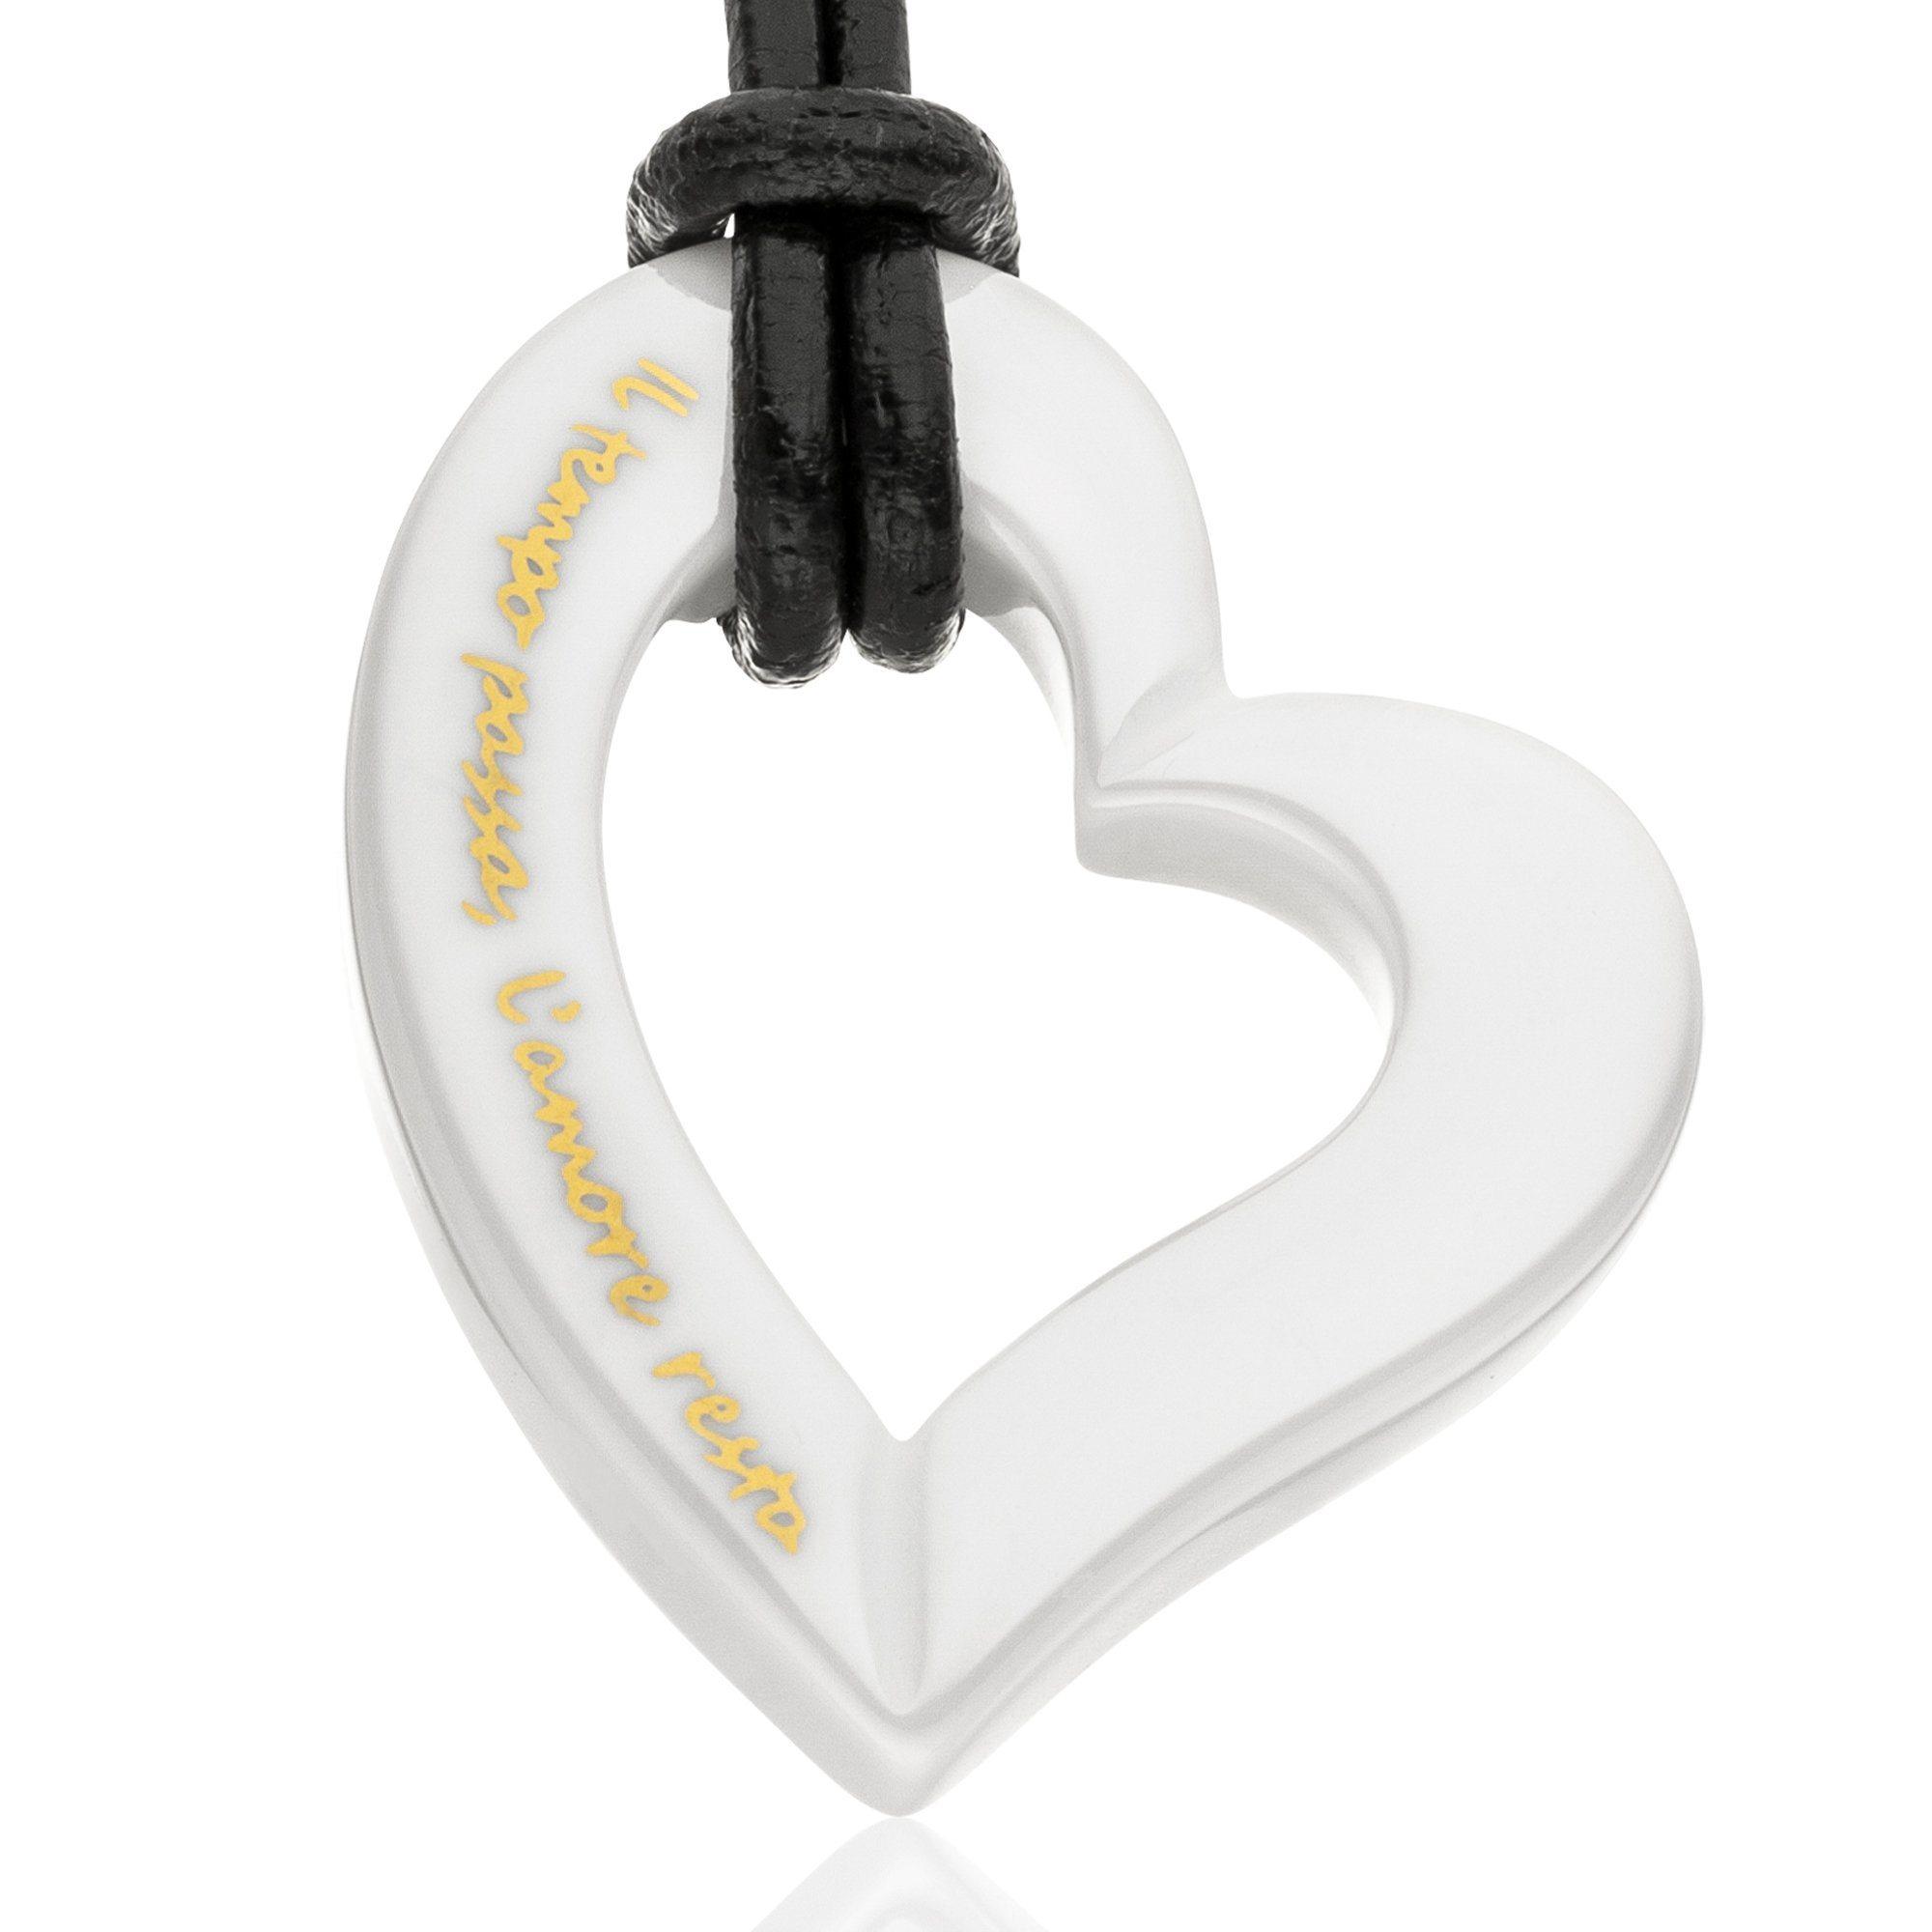 Gilardy Anhänger mit Kette »Keramik Herz White« | Schmuck > Halsketten > Herzketten | White | Gilardy